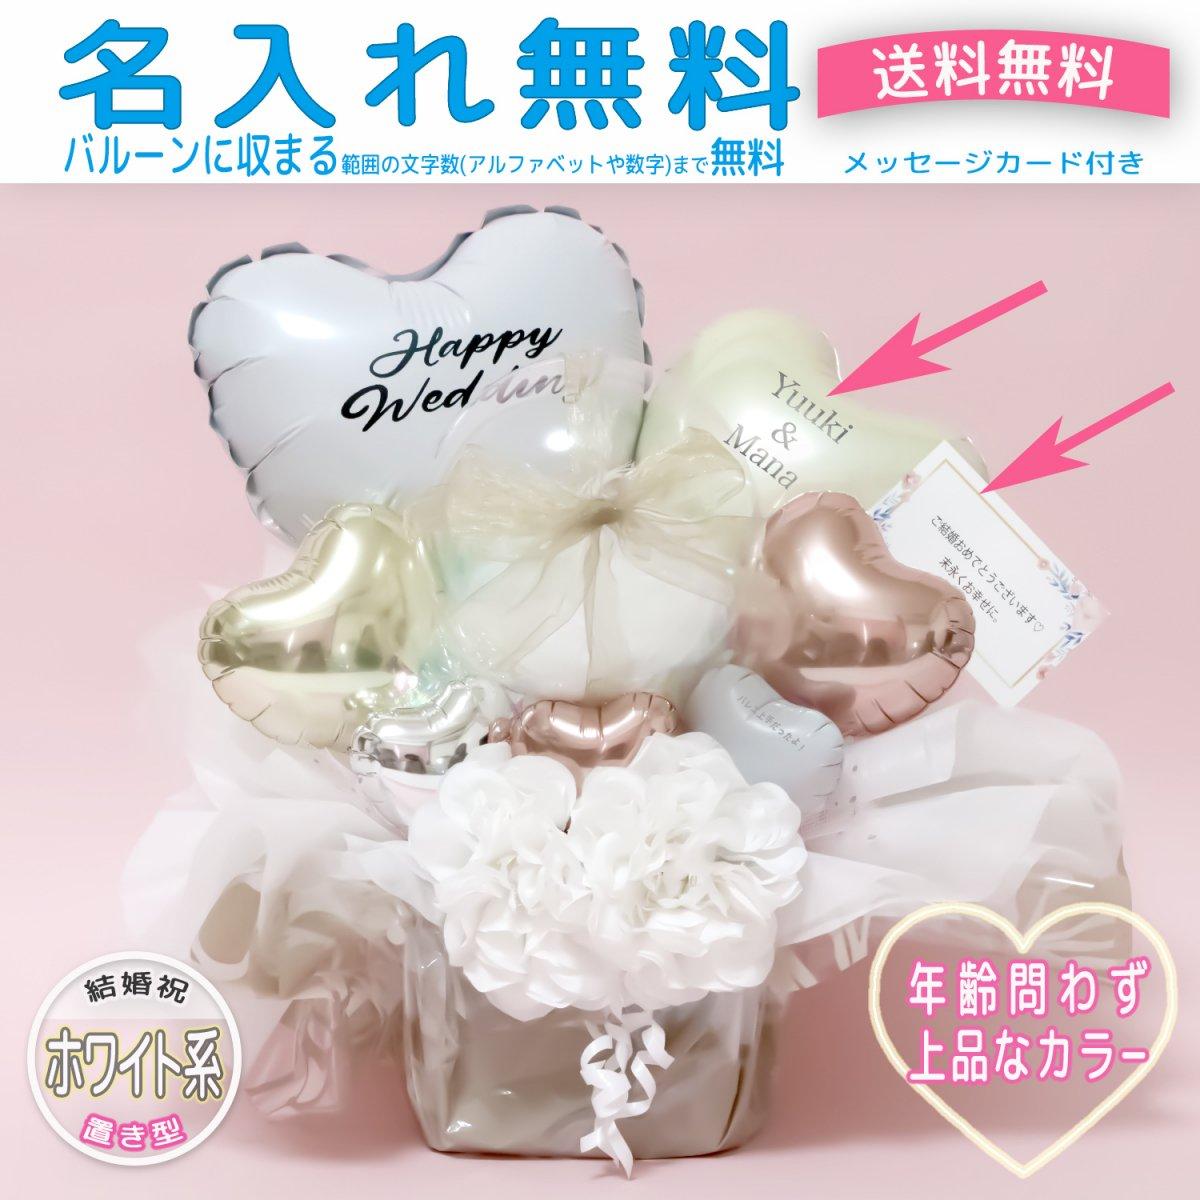 ホワイト・アイボリー 置き型(結婚) バルーン 風船 結婚 開店 お祝い ホワイト アイボリー ハート サプライズ ギフト プレゼント